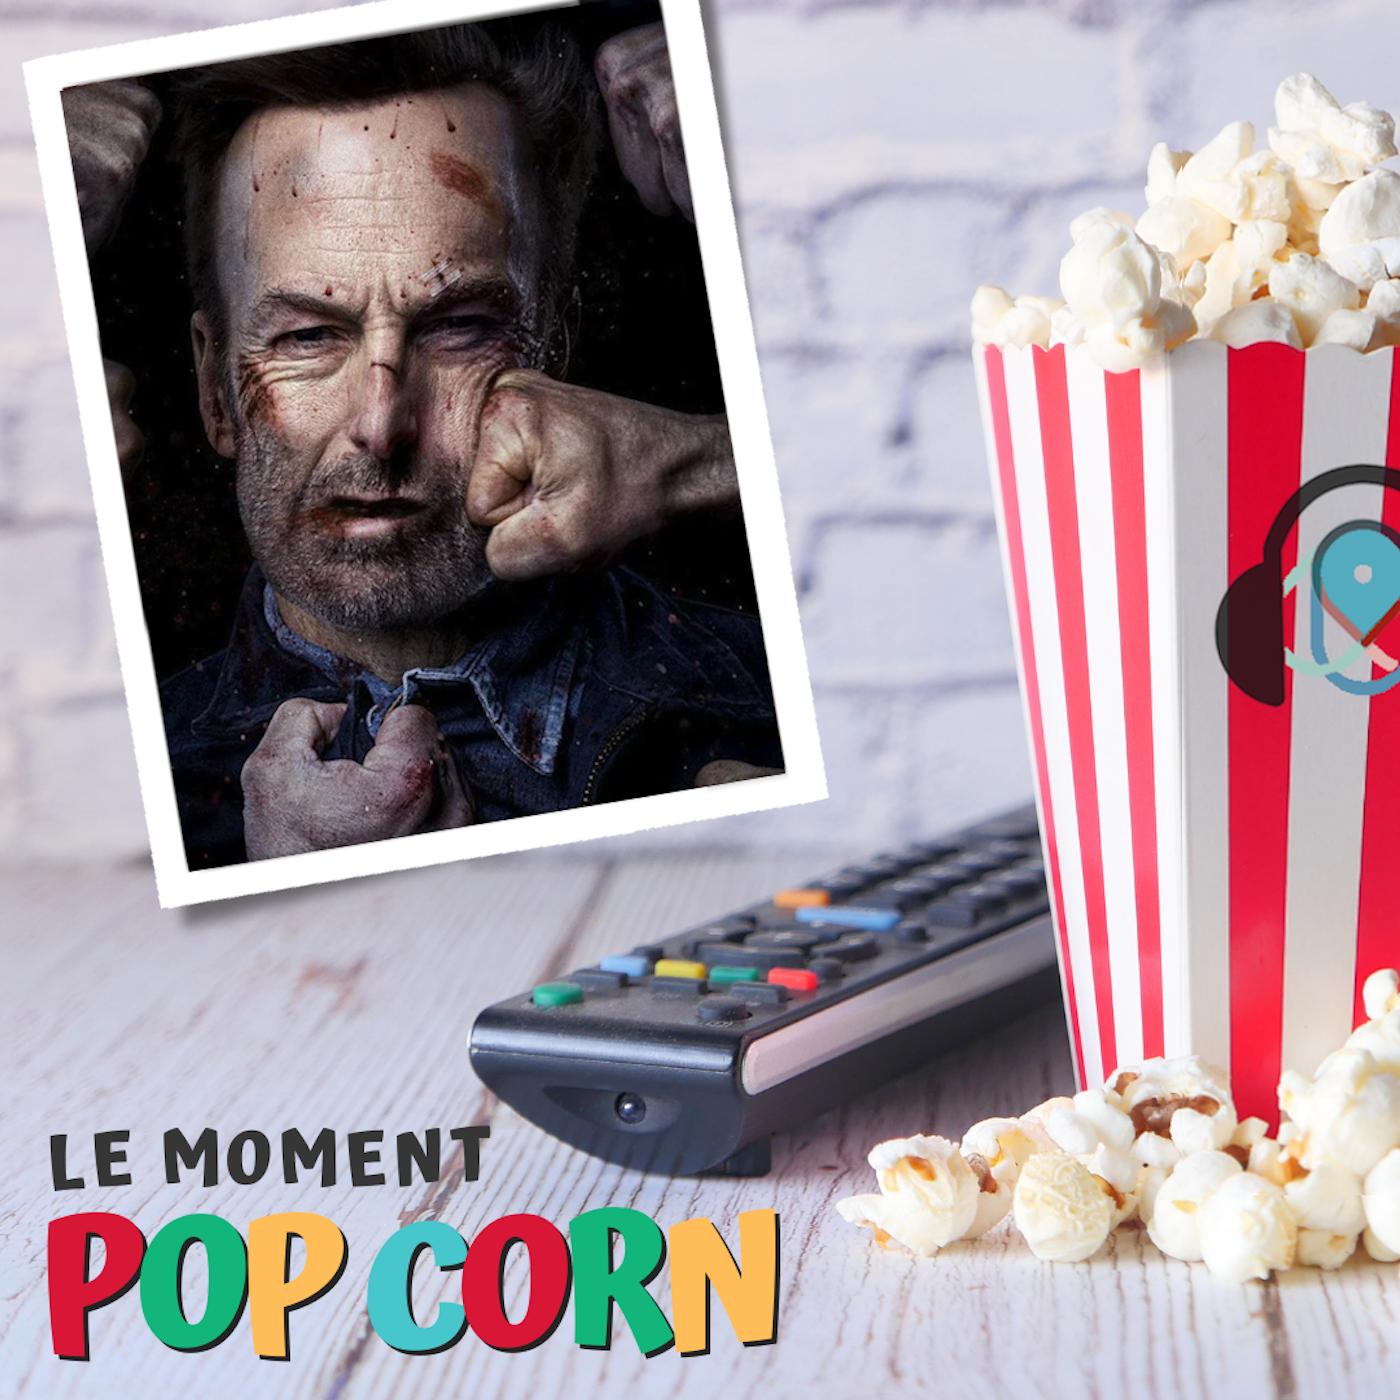 LE MOMENT POP CORN S2E05 - Nobody